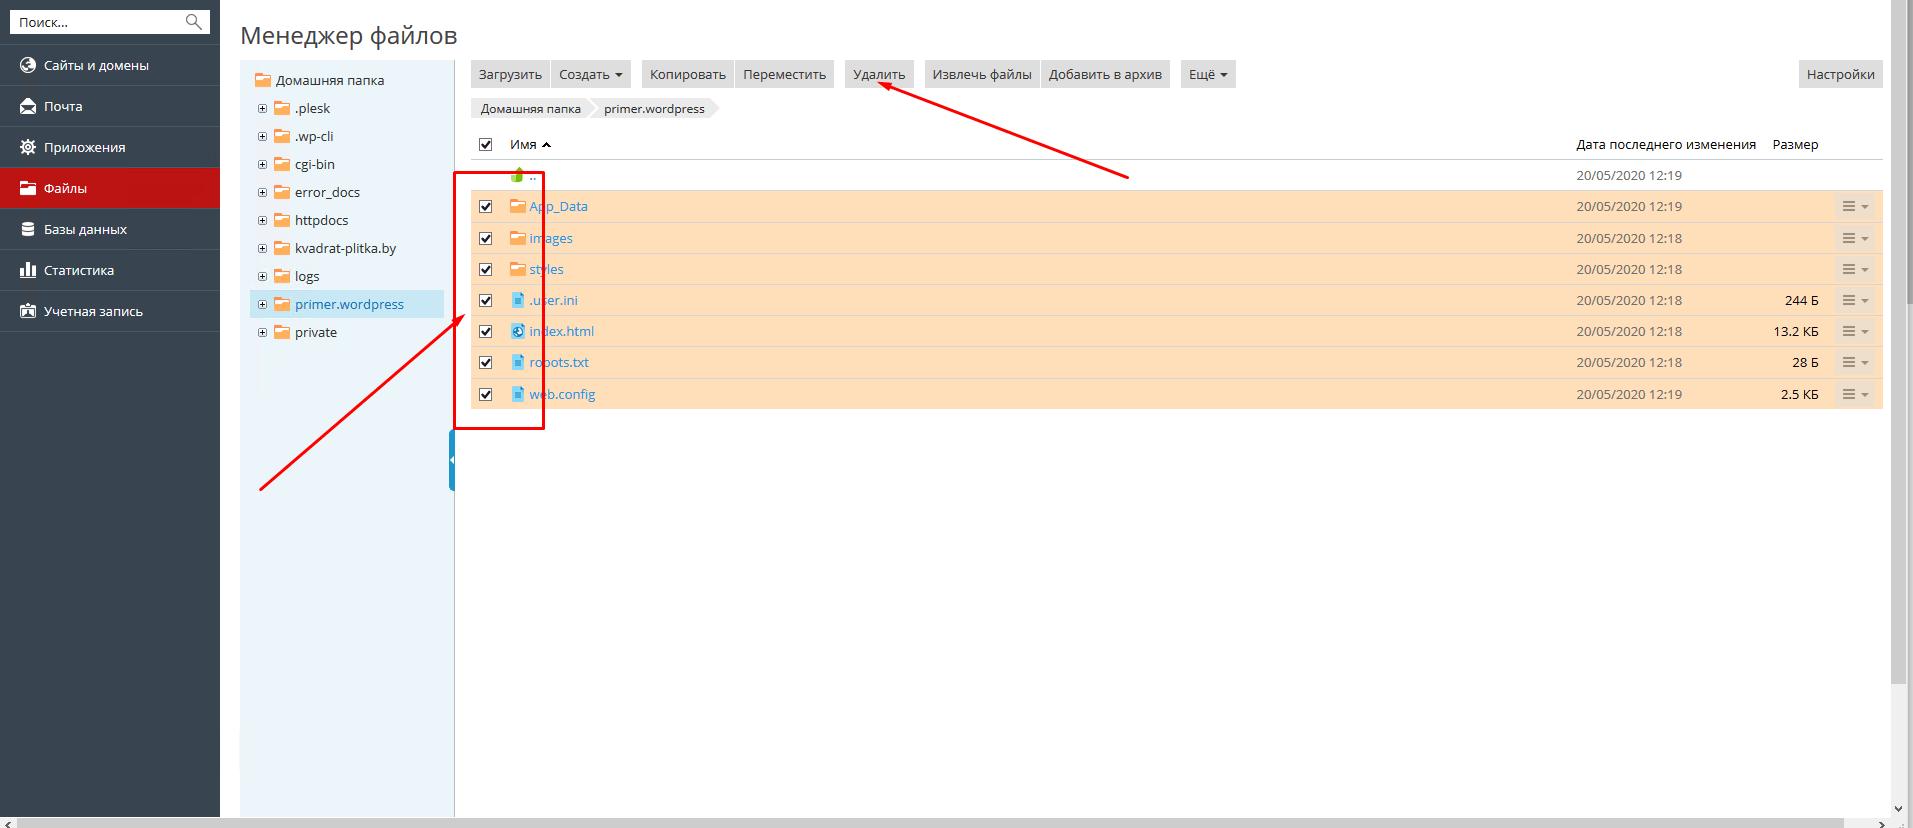 Переход в «Менеджер файлов» и удаление содержимого директории (каталога)